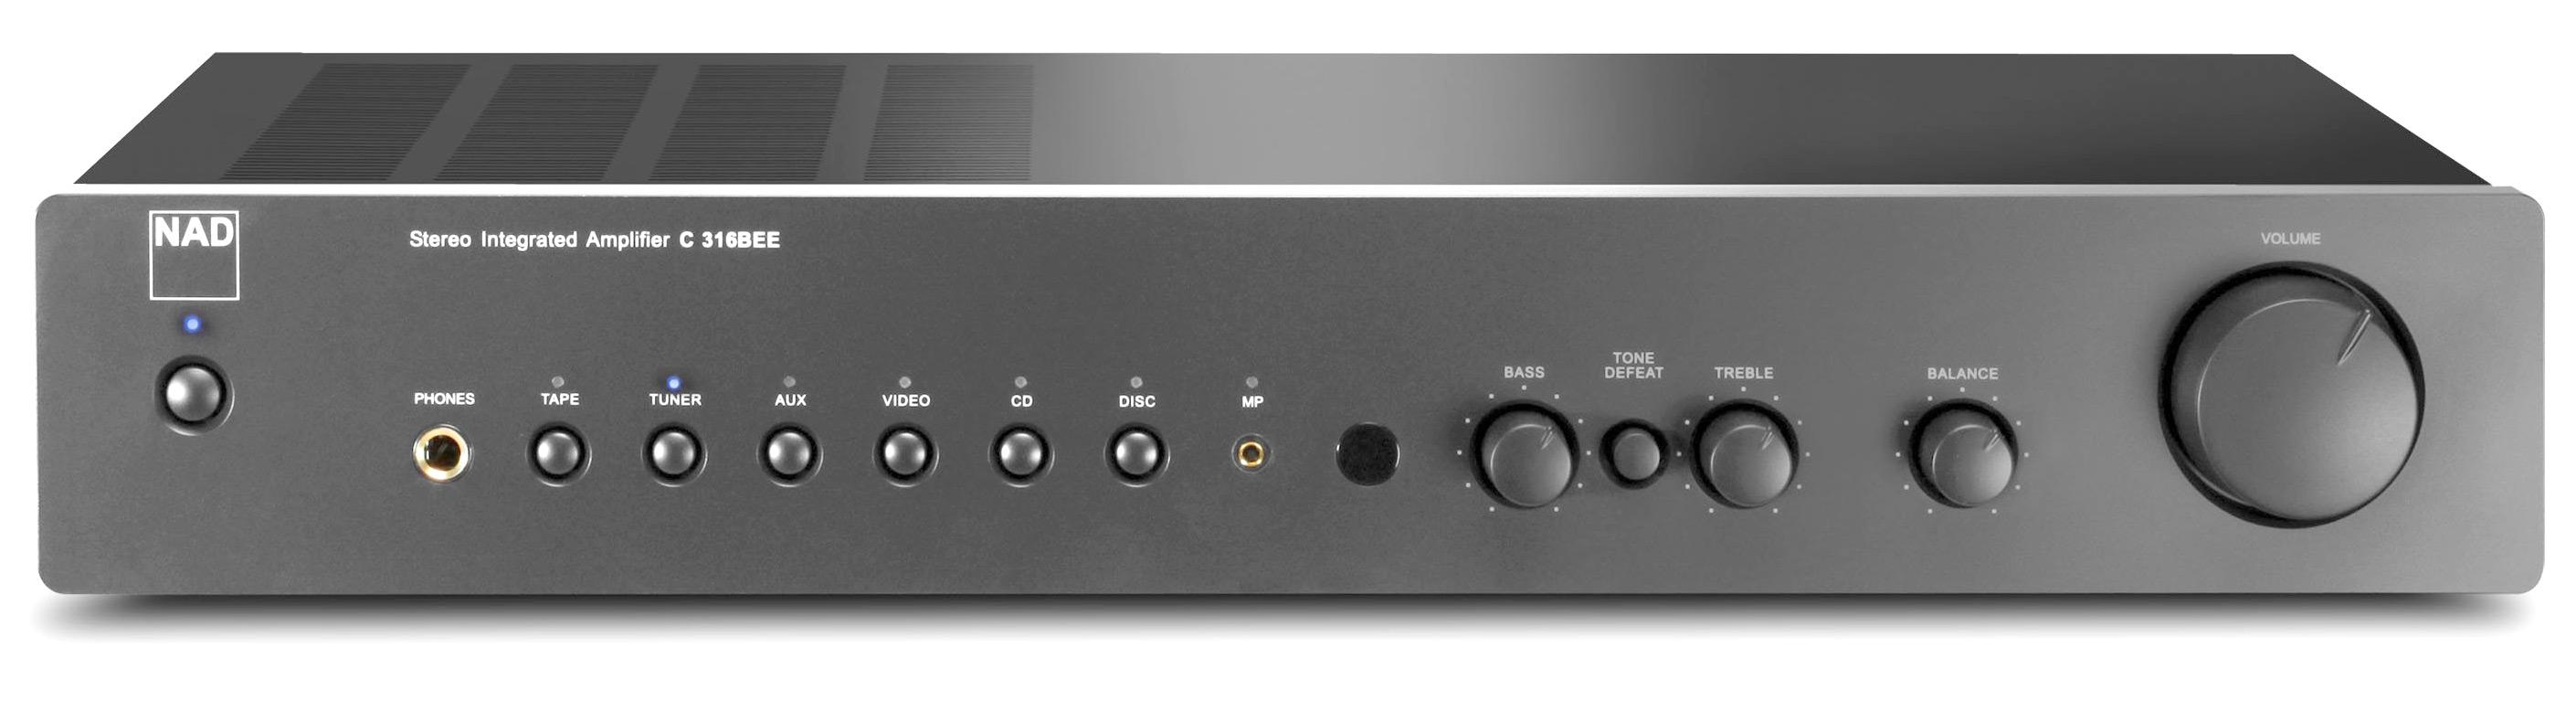 Impianto hifi entry level ma non troppo ecco come - Impianto stereo per casa ...